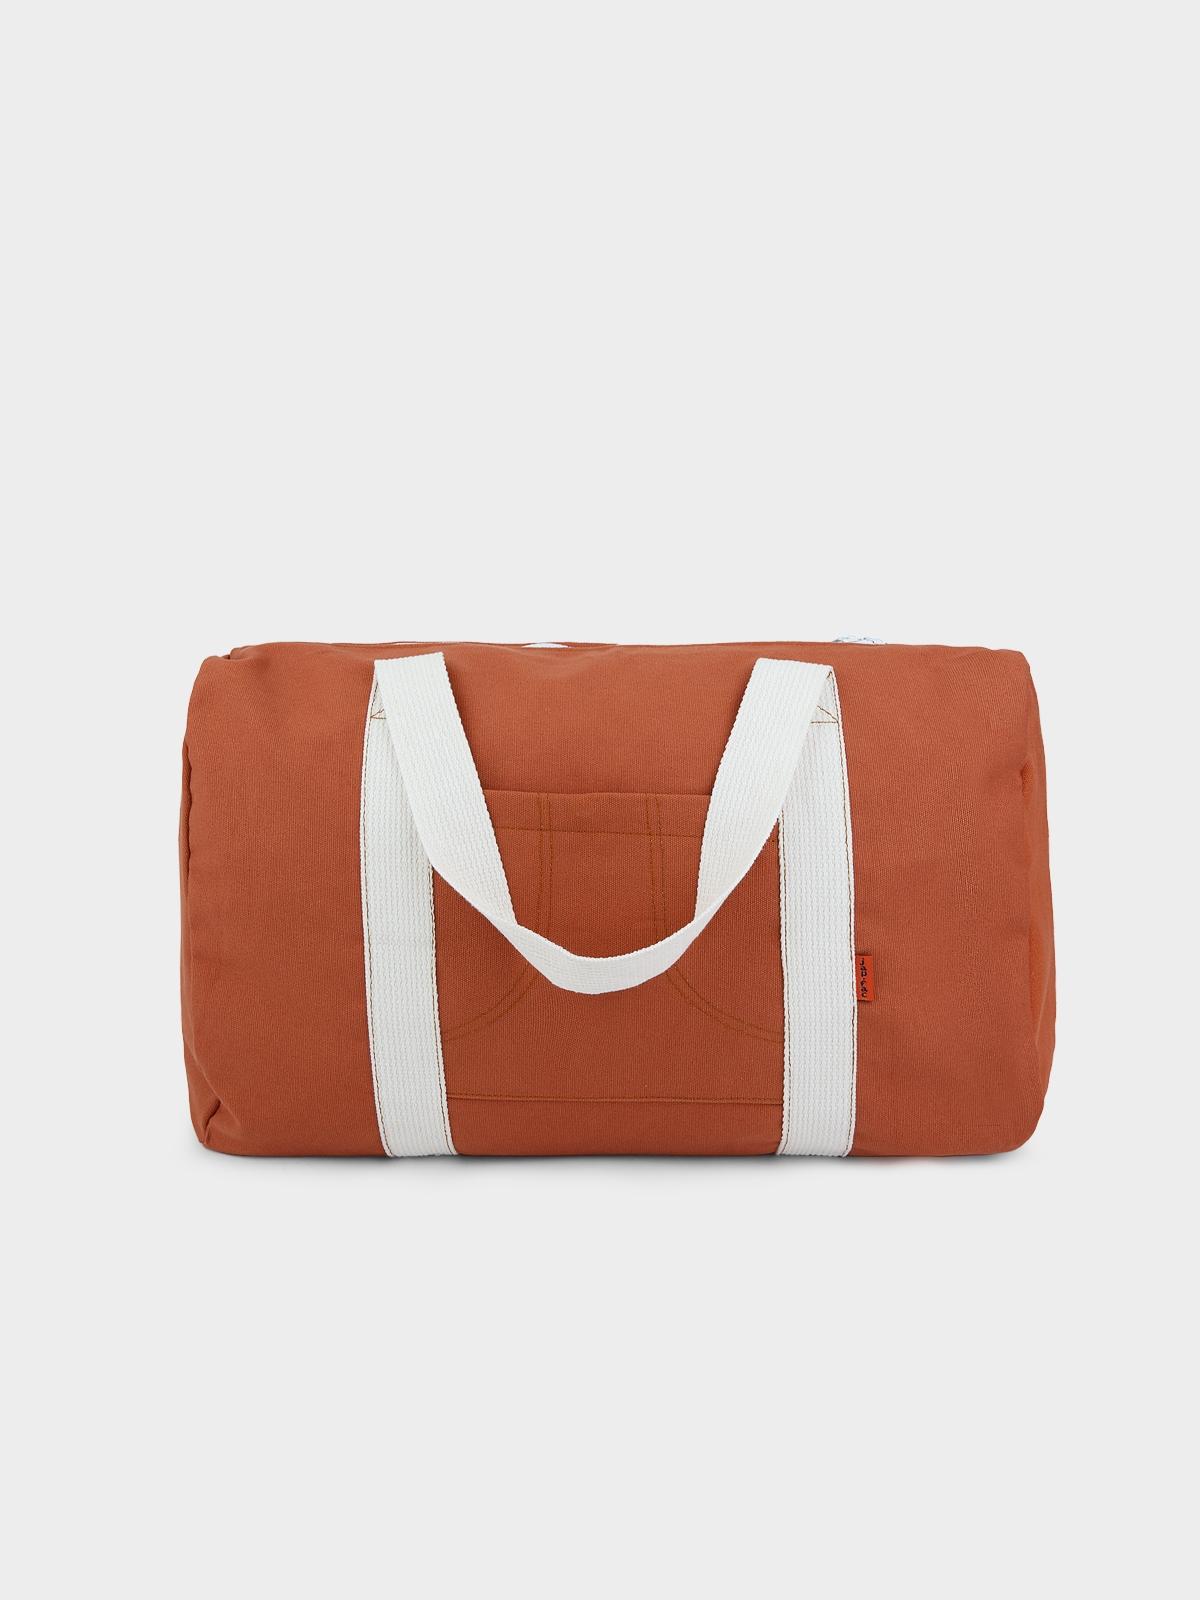 Japfac Duffle Bag Orange